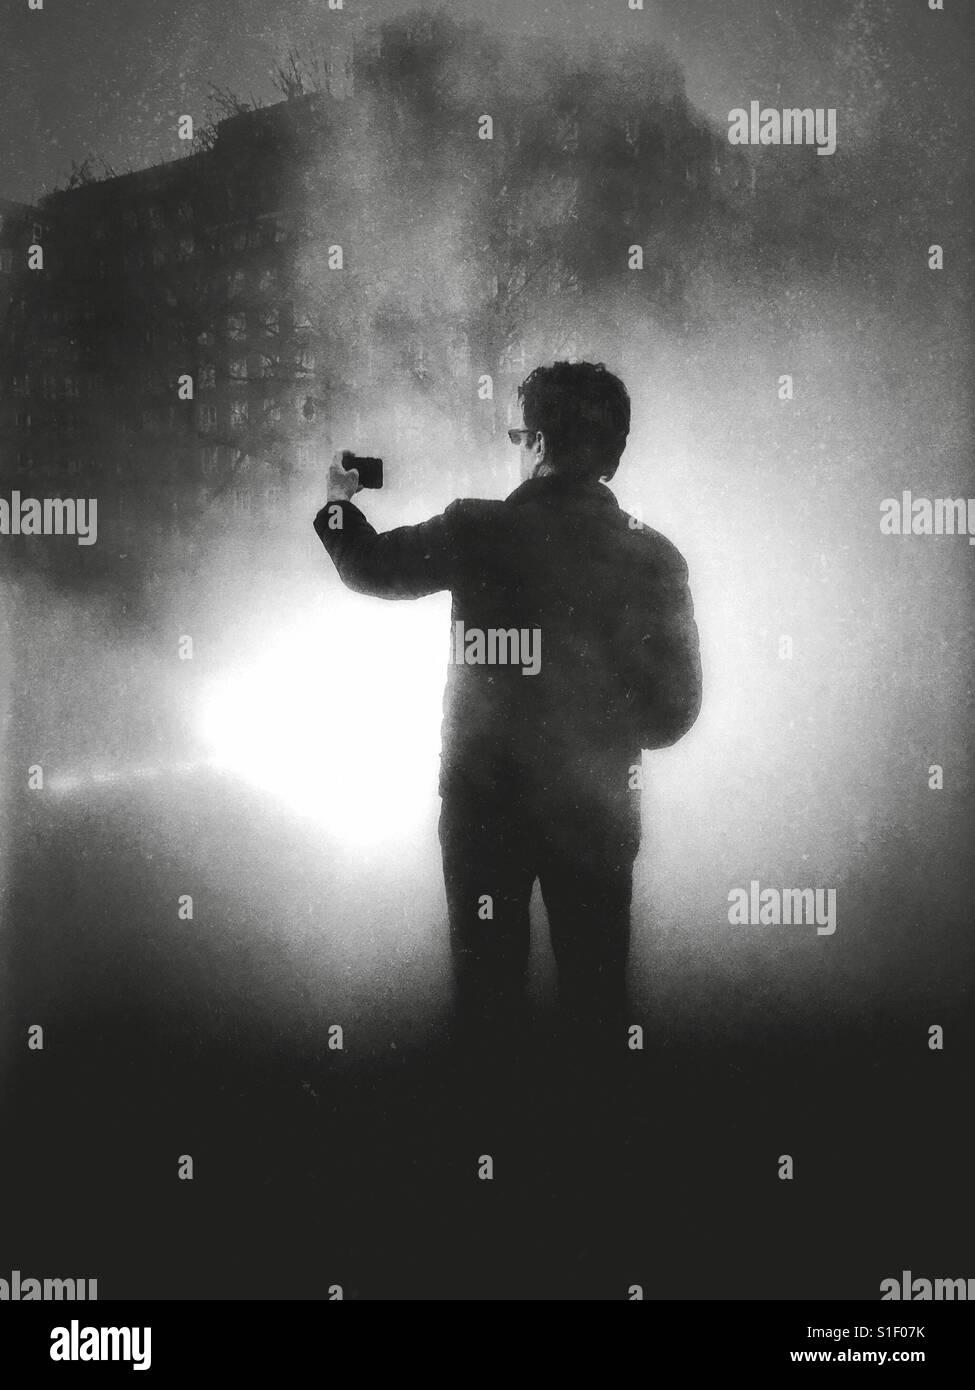 Schwarz / weiß Foto mit dramatische Beleuchtung ein Mann hält seine Kamera-Handy auf Armlänge beim Stockbild